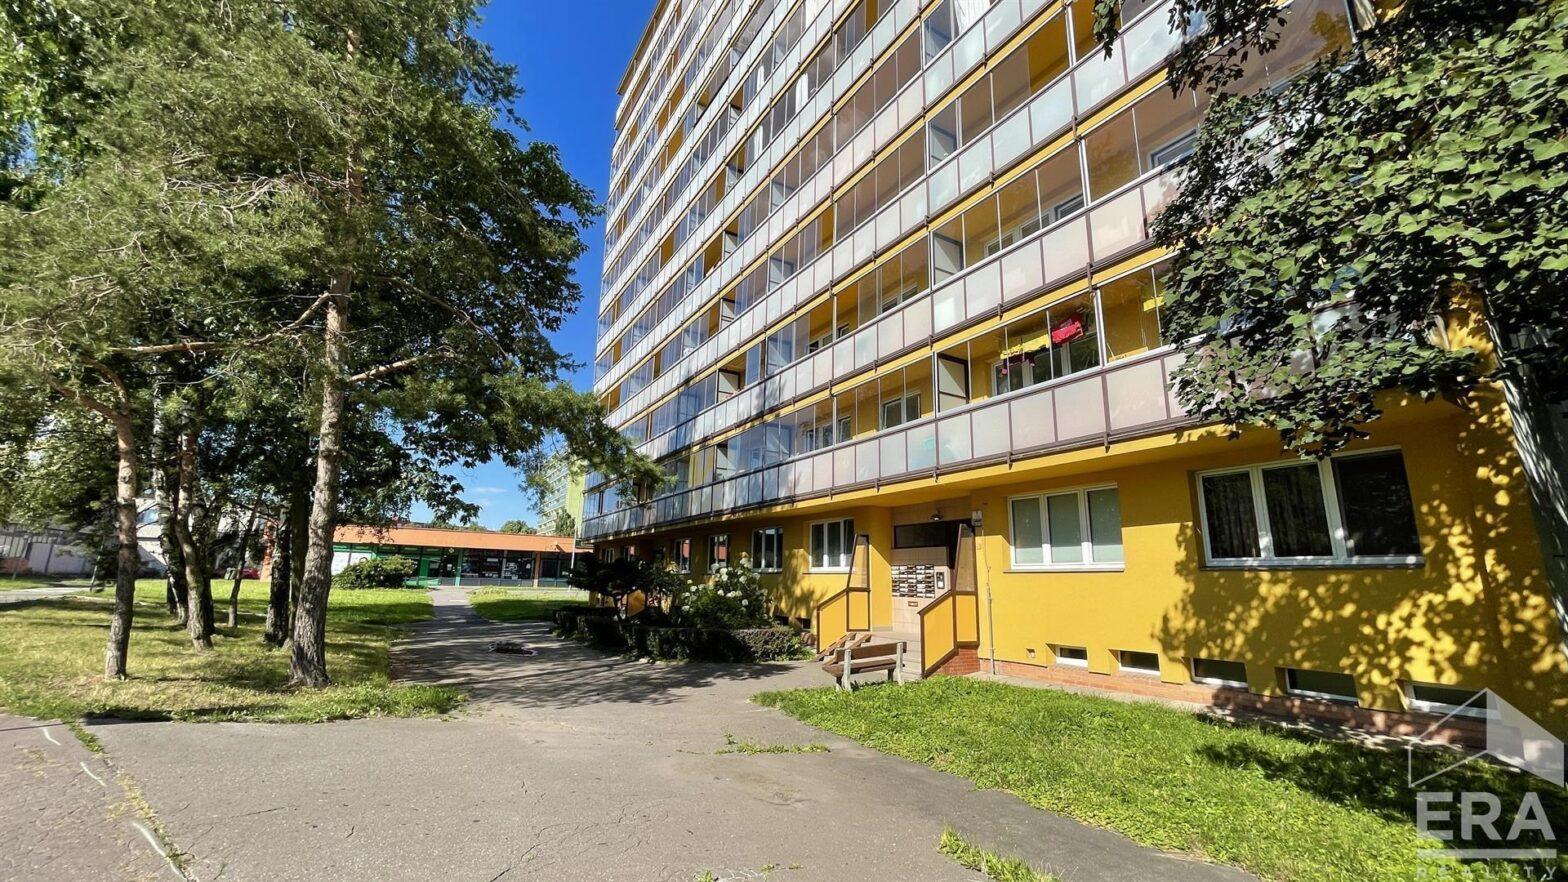 Prodáno. Prodej zrekonstruovaného bytu 3+1, 84m2,  Ostrava Poruba